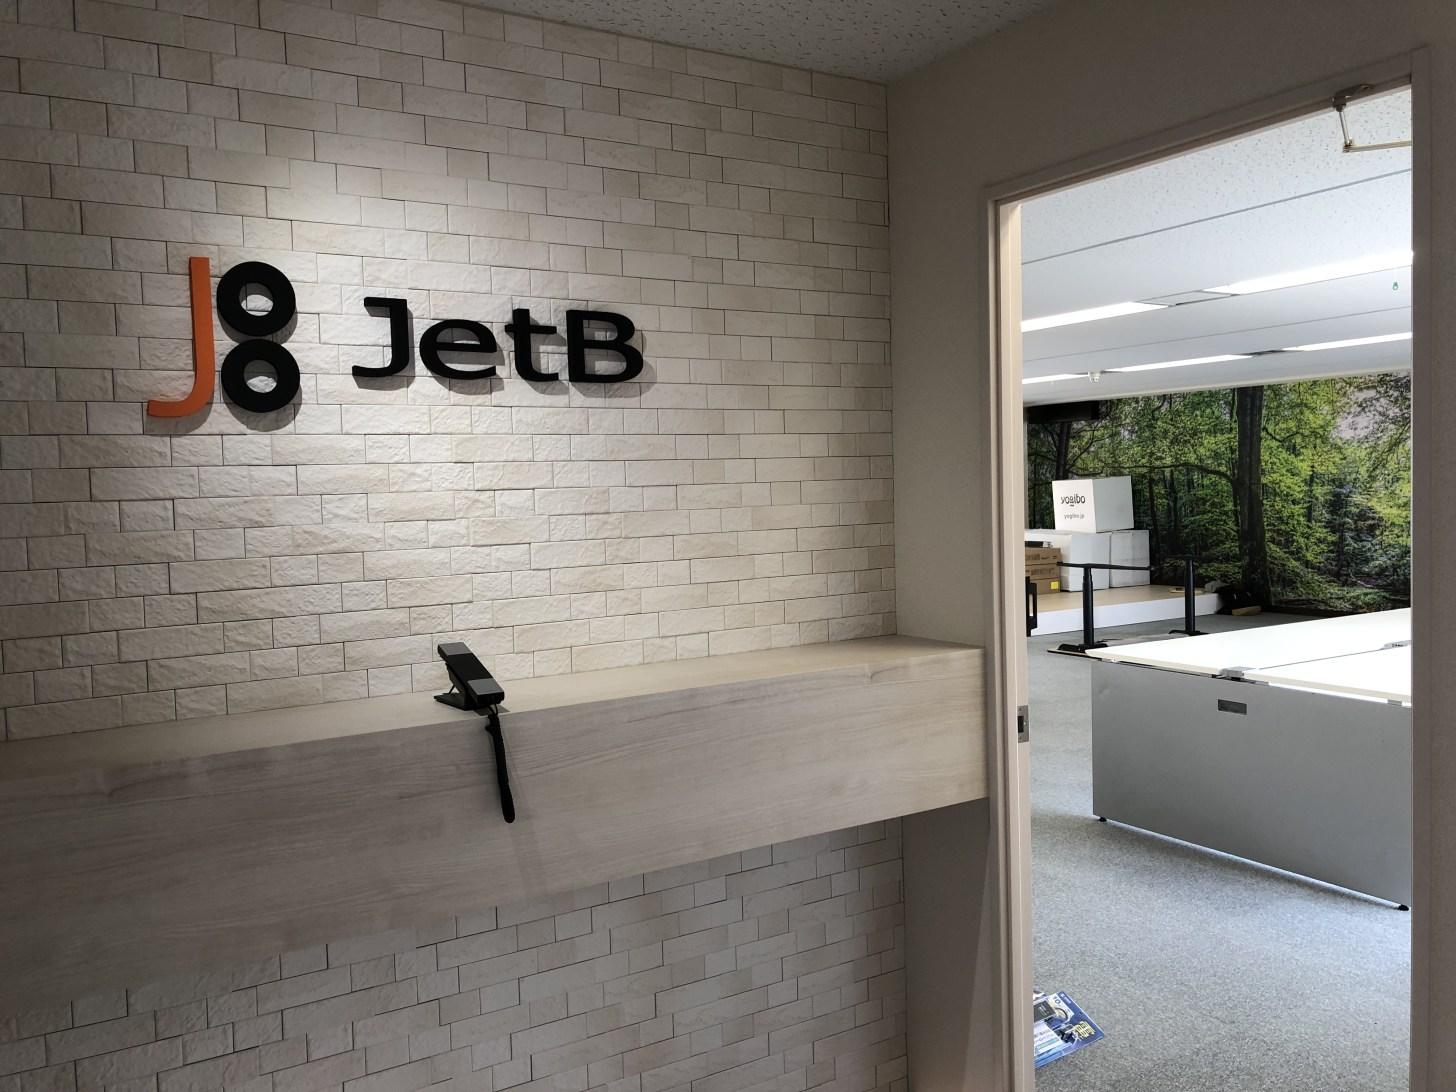 東京都渋谷区 オフィス内装工事 JetB株式会社様